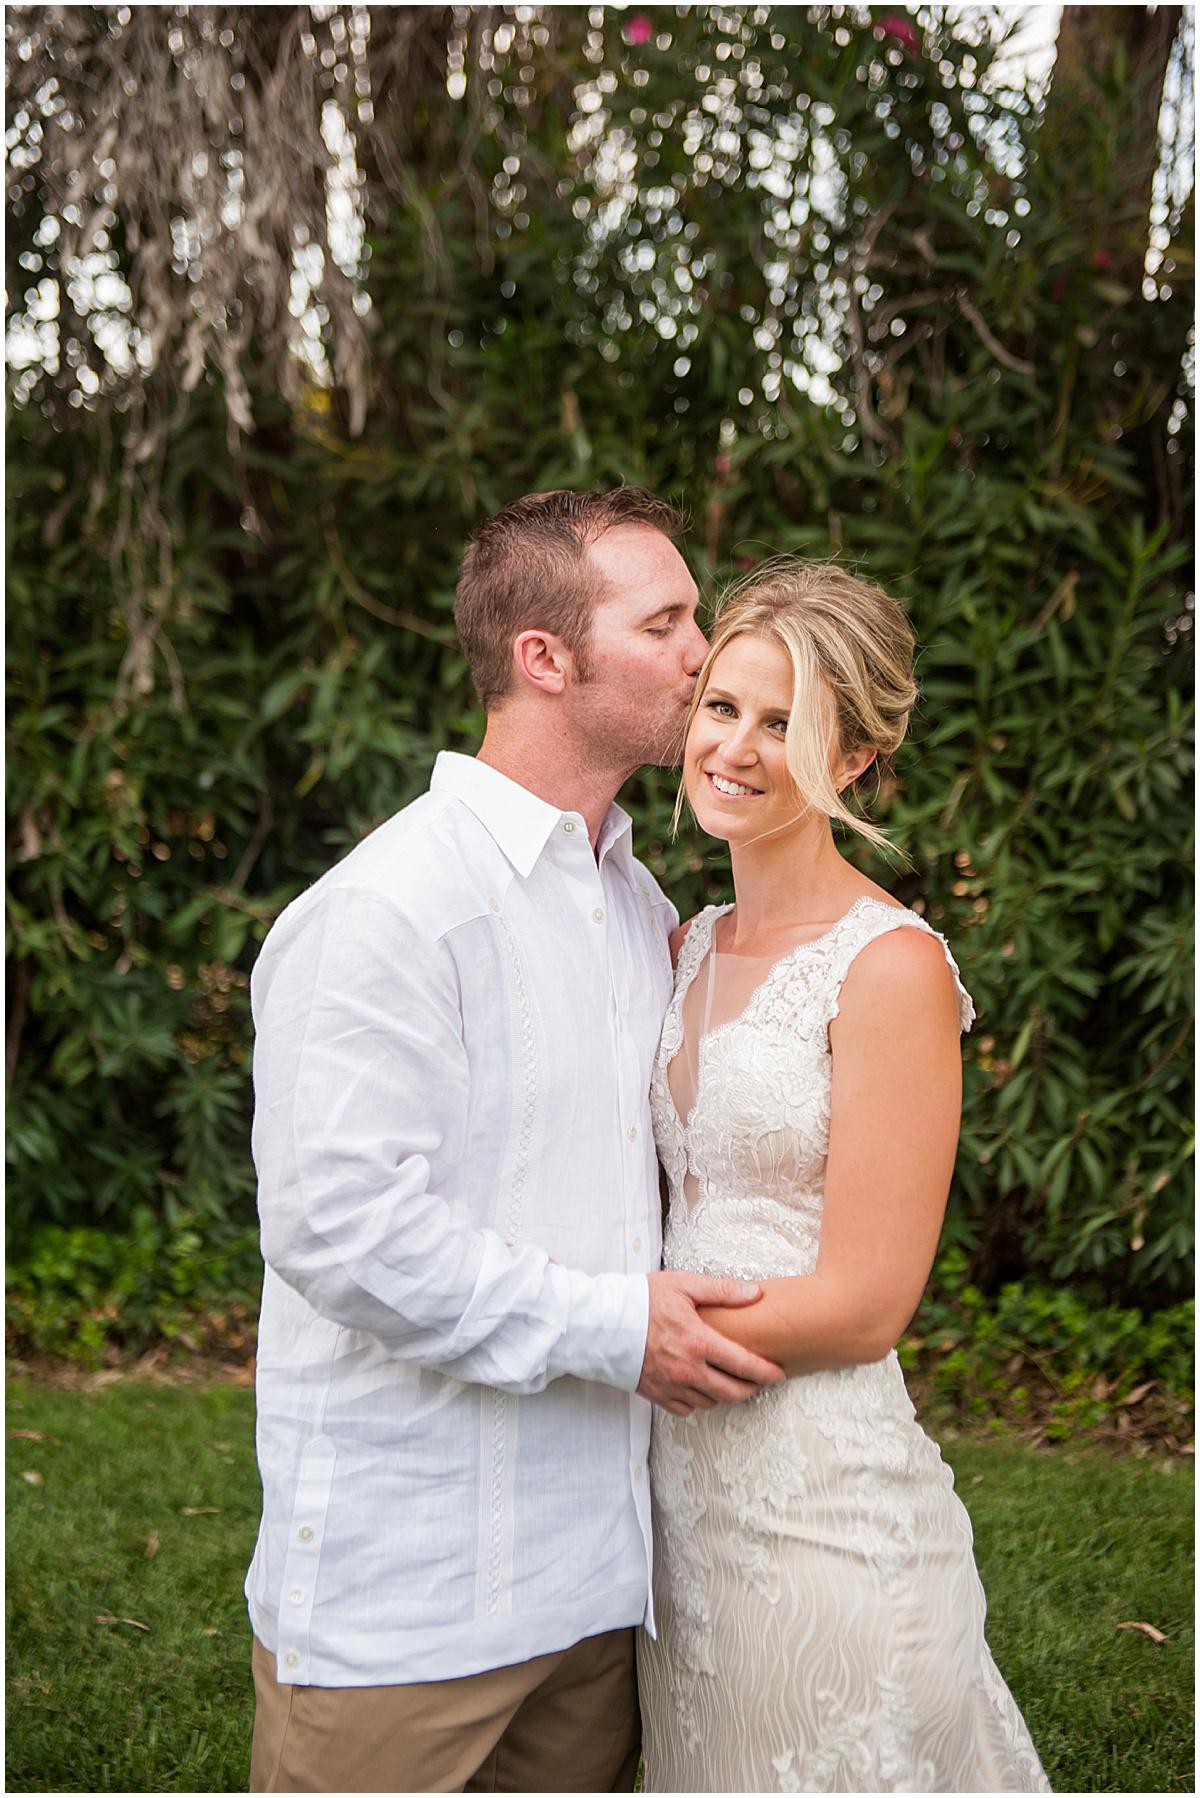 Morgan Hill Estate Botanical Wedding | Brina and Andy029